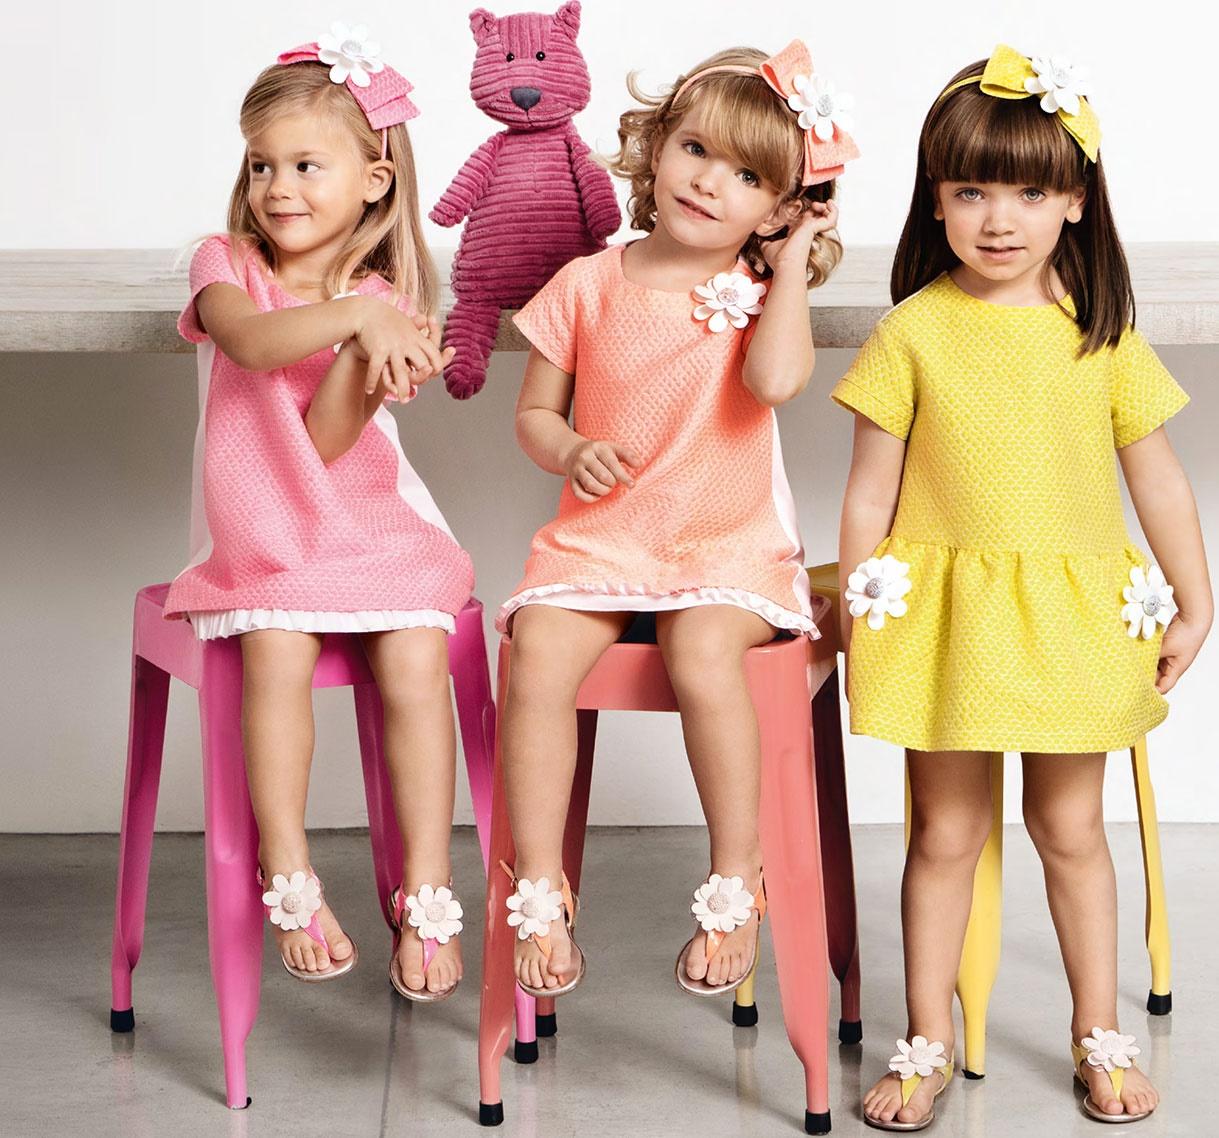 Tendenze moda bambini estate 2016Sofiscloset 76552ead588